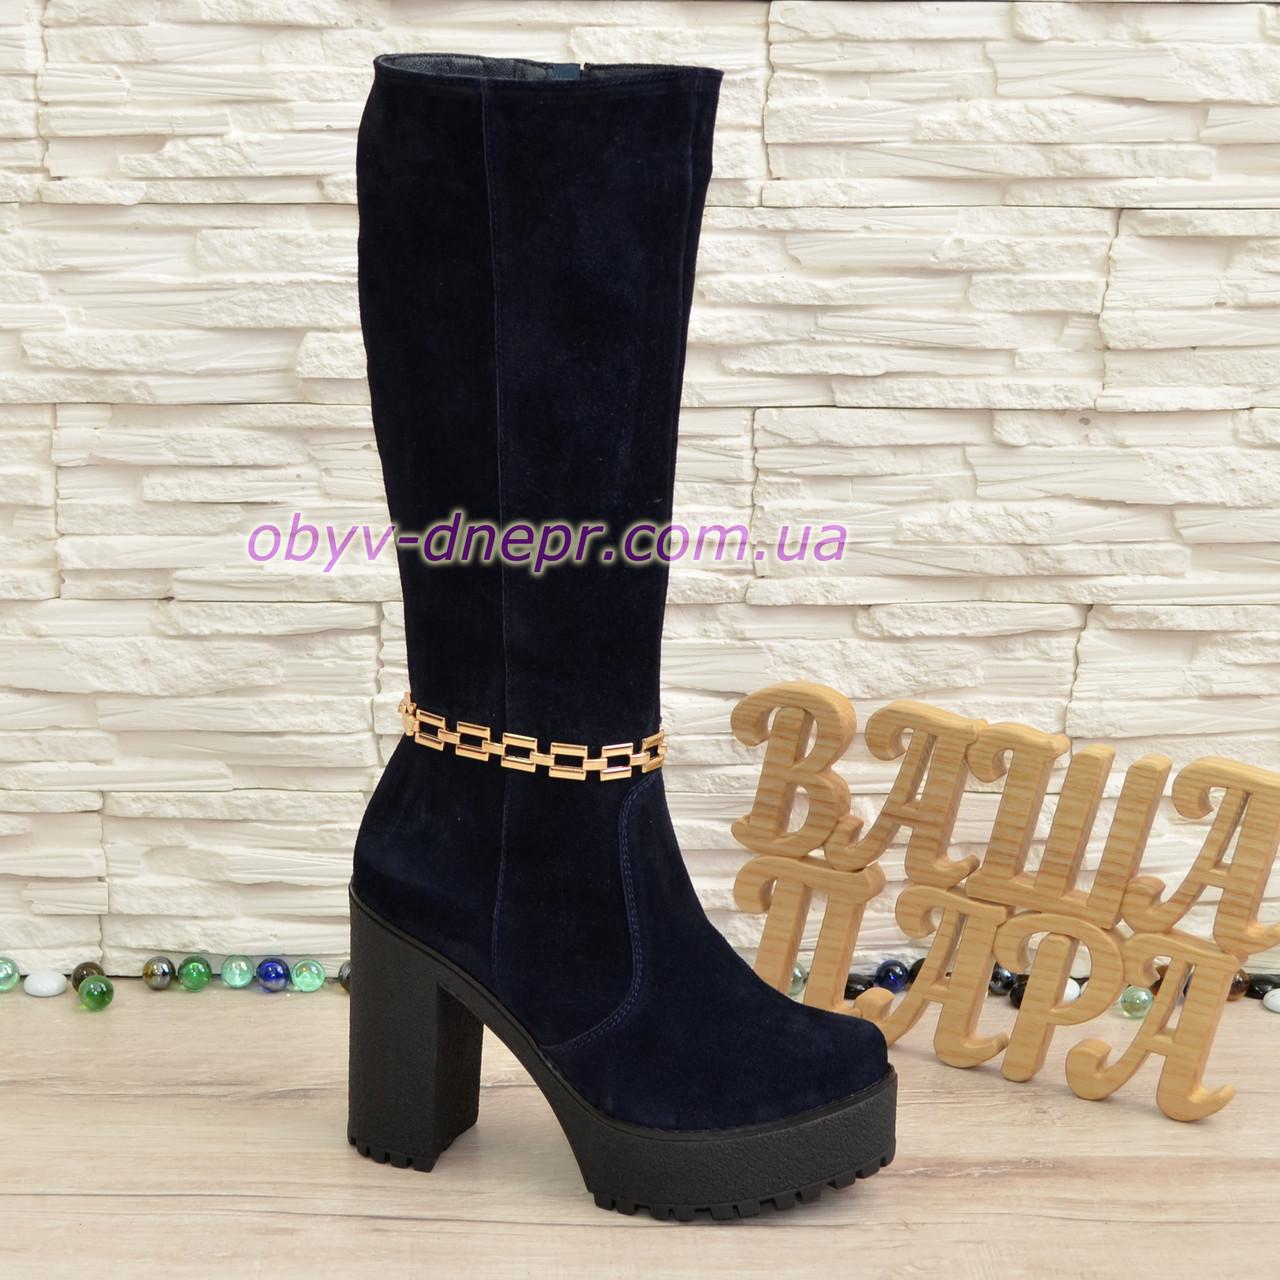 Сапоги женские замшевые демисезонные на высоком устойчивом каблуке, декорированы цепью.